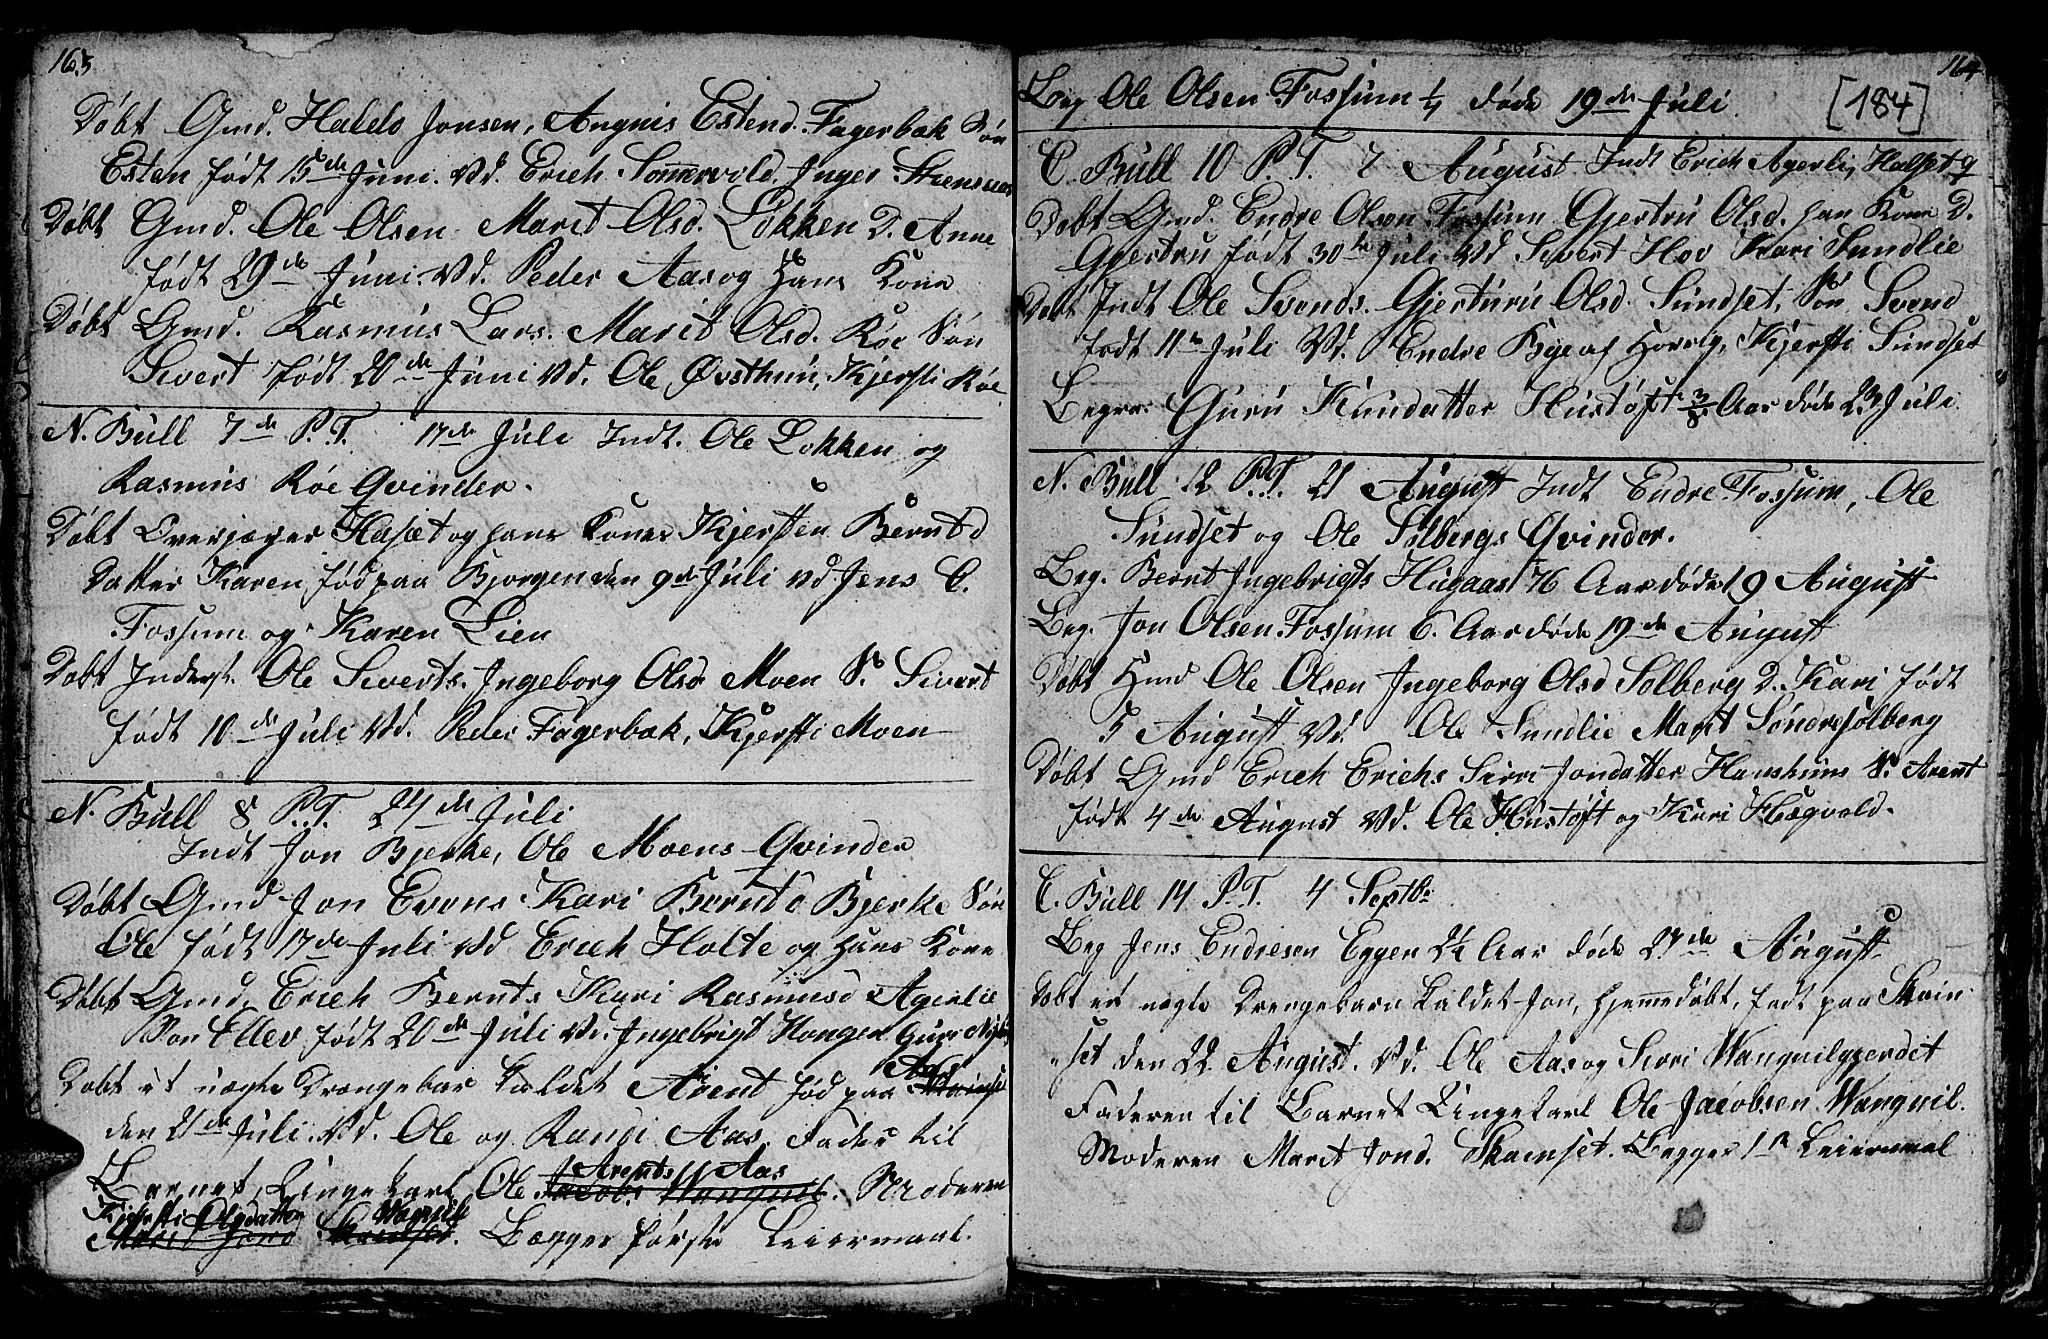 SAT, Ministerialprotokoller, klokkerbøker og fødselsregistre - Sør-Trøndelag, 689/L1042: Klokkerbok nr. 689C01, 1812-1841, s. 183-184